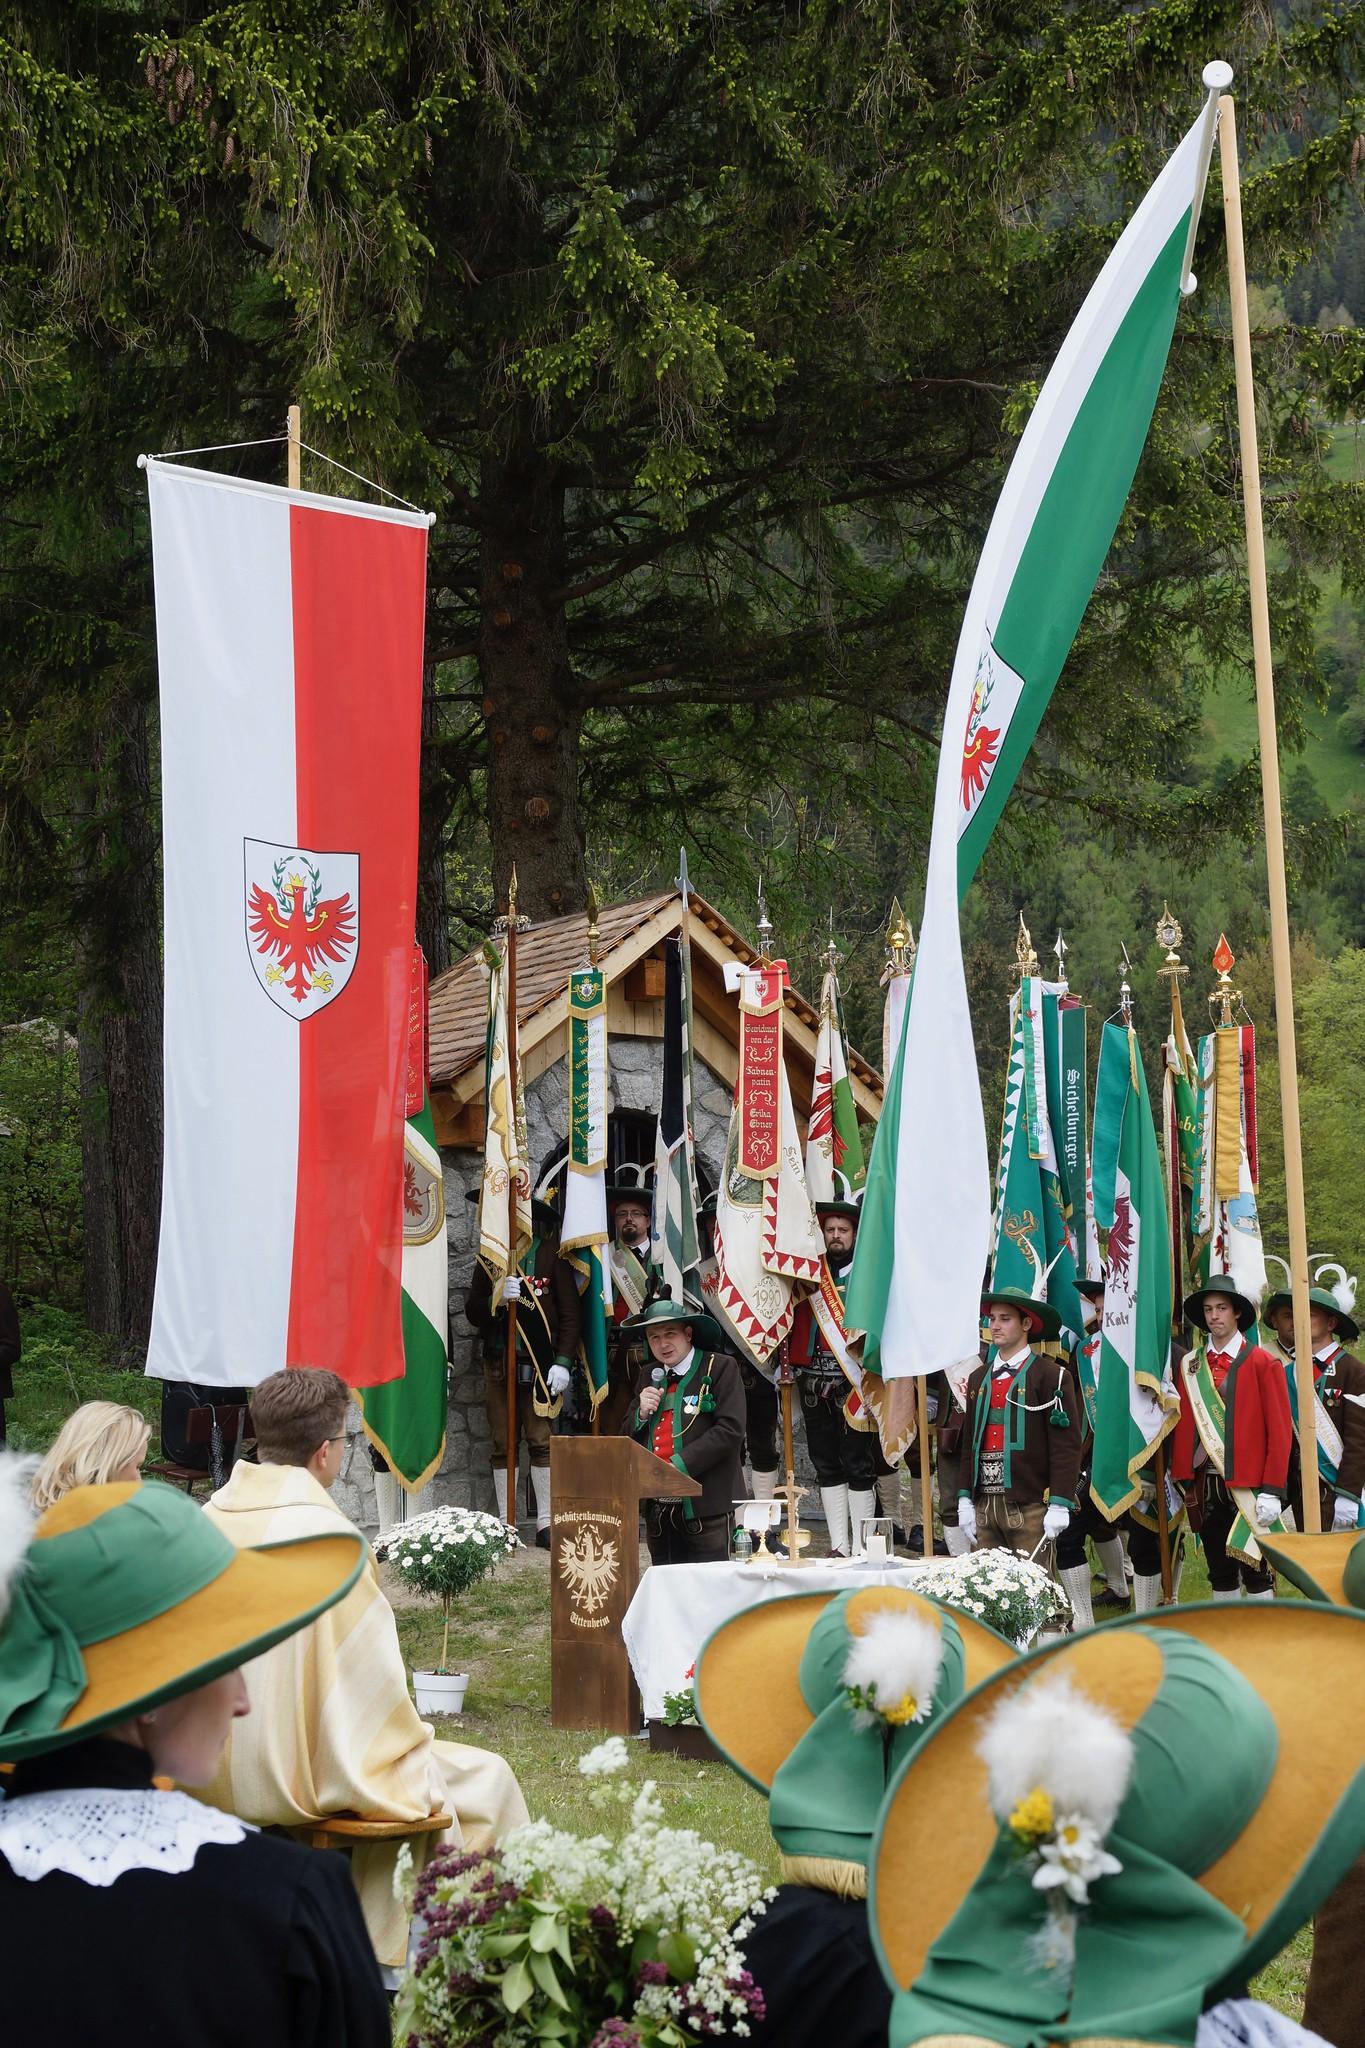 60-Jahrfeier der Schützenkompanie Uttenheim, 18.05.2019